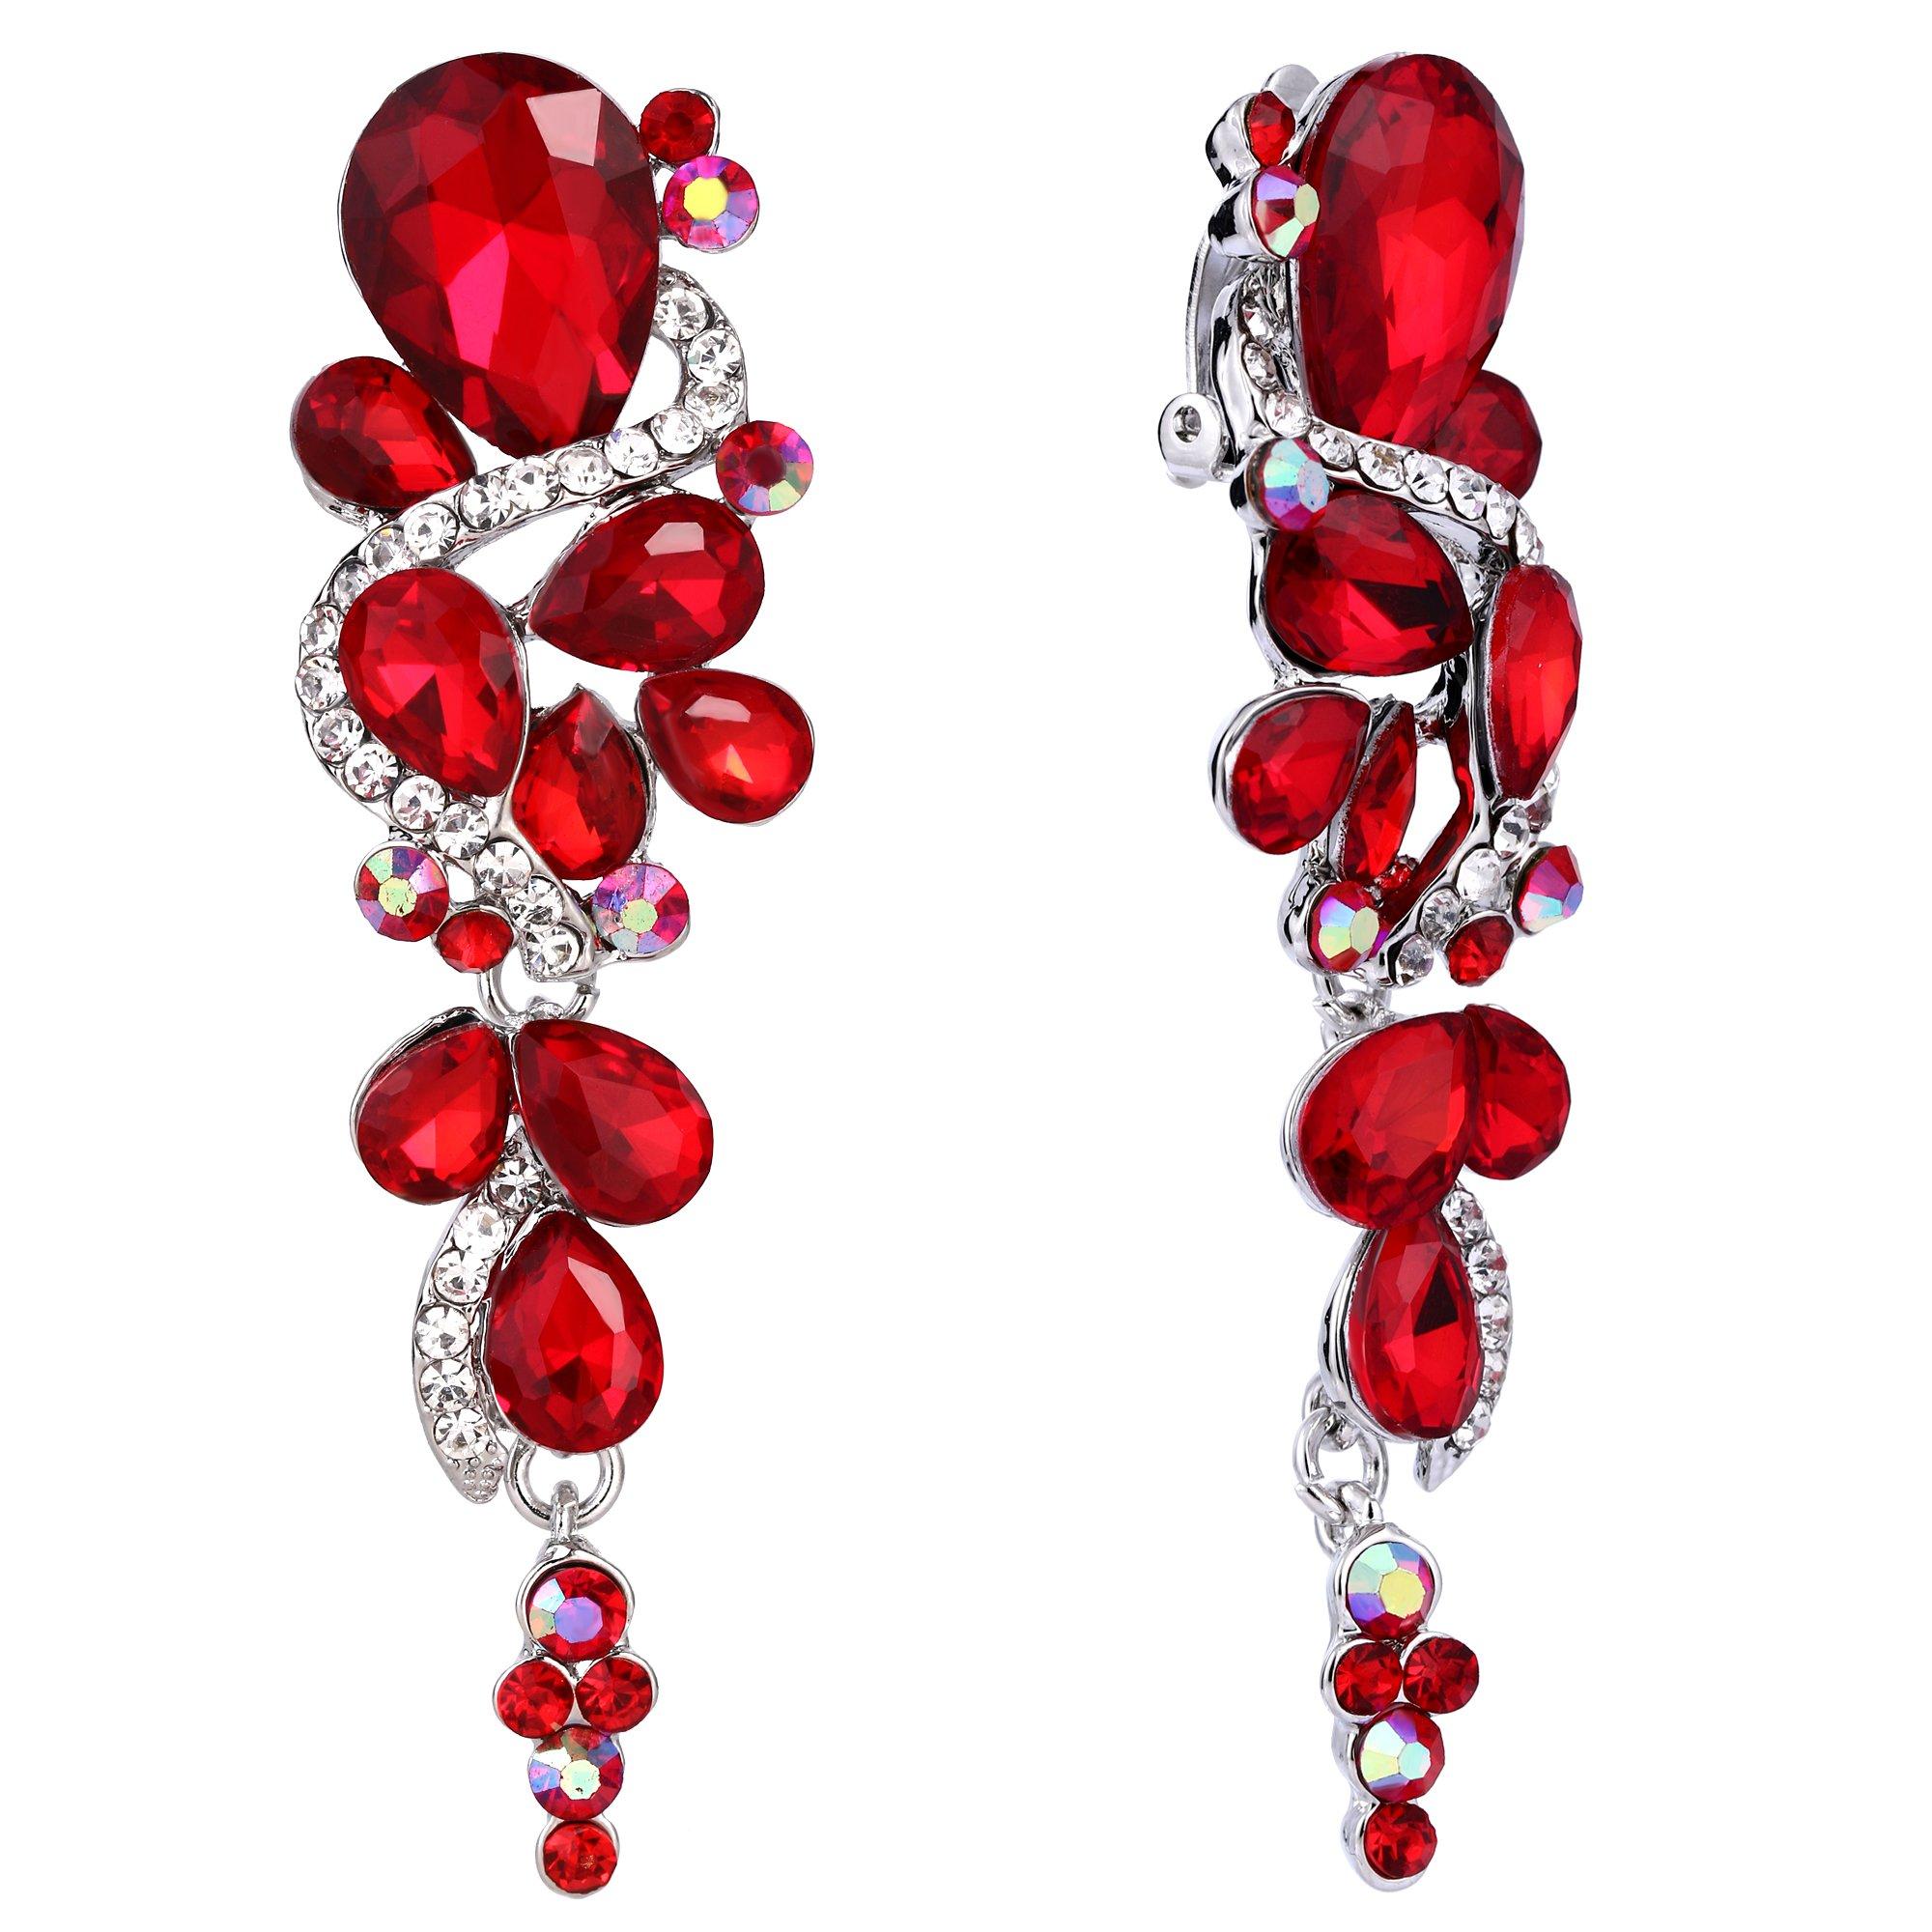 BriLove Women's Wedding Bridal Clip-On Dangle Earrings Bohemian Boho Crystal Multiple Teardrop Chandelier Earrings Ruby Color Silver-Tone